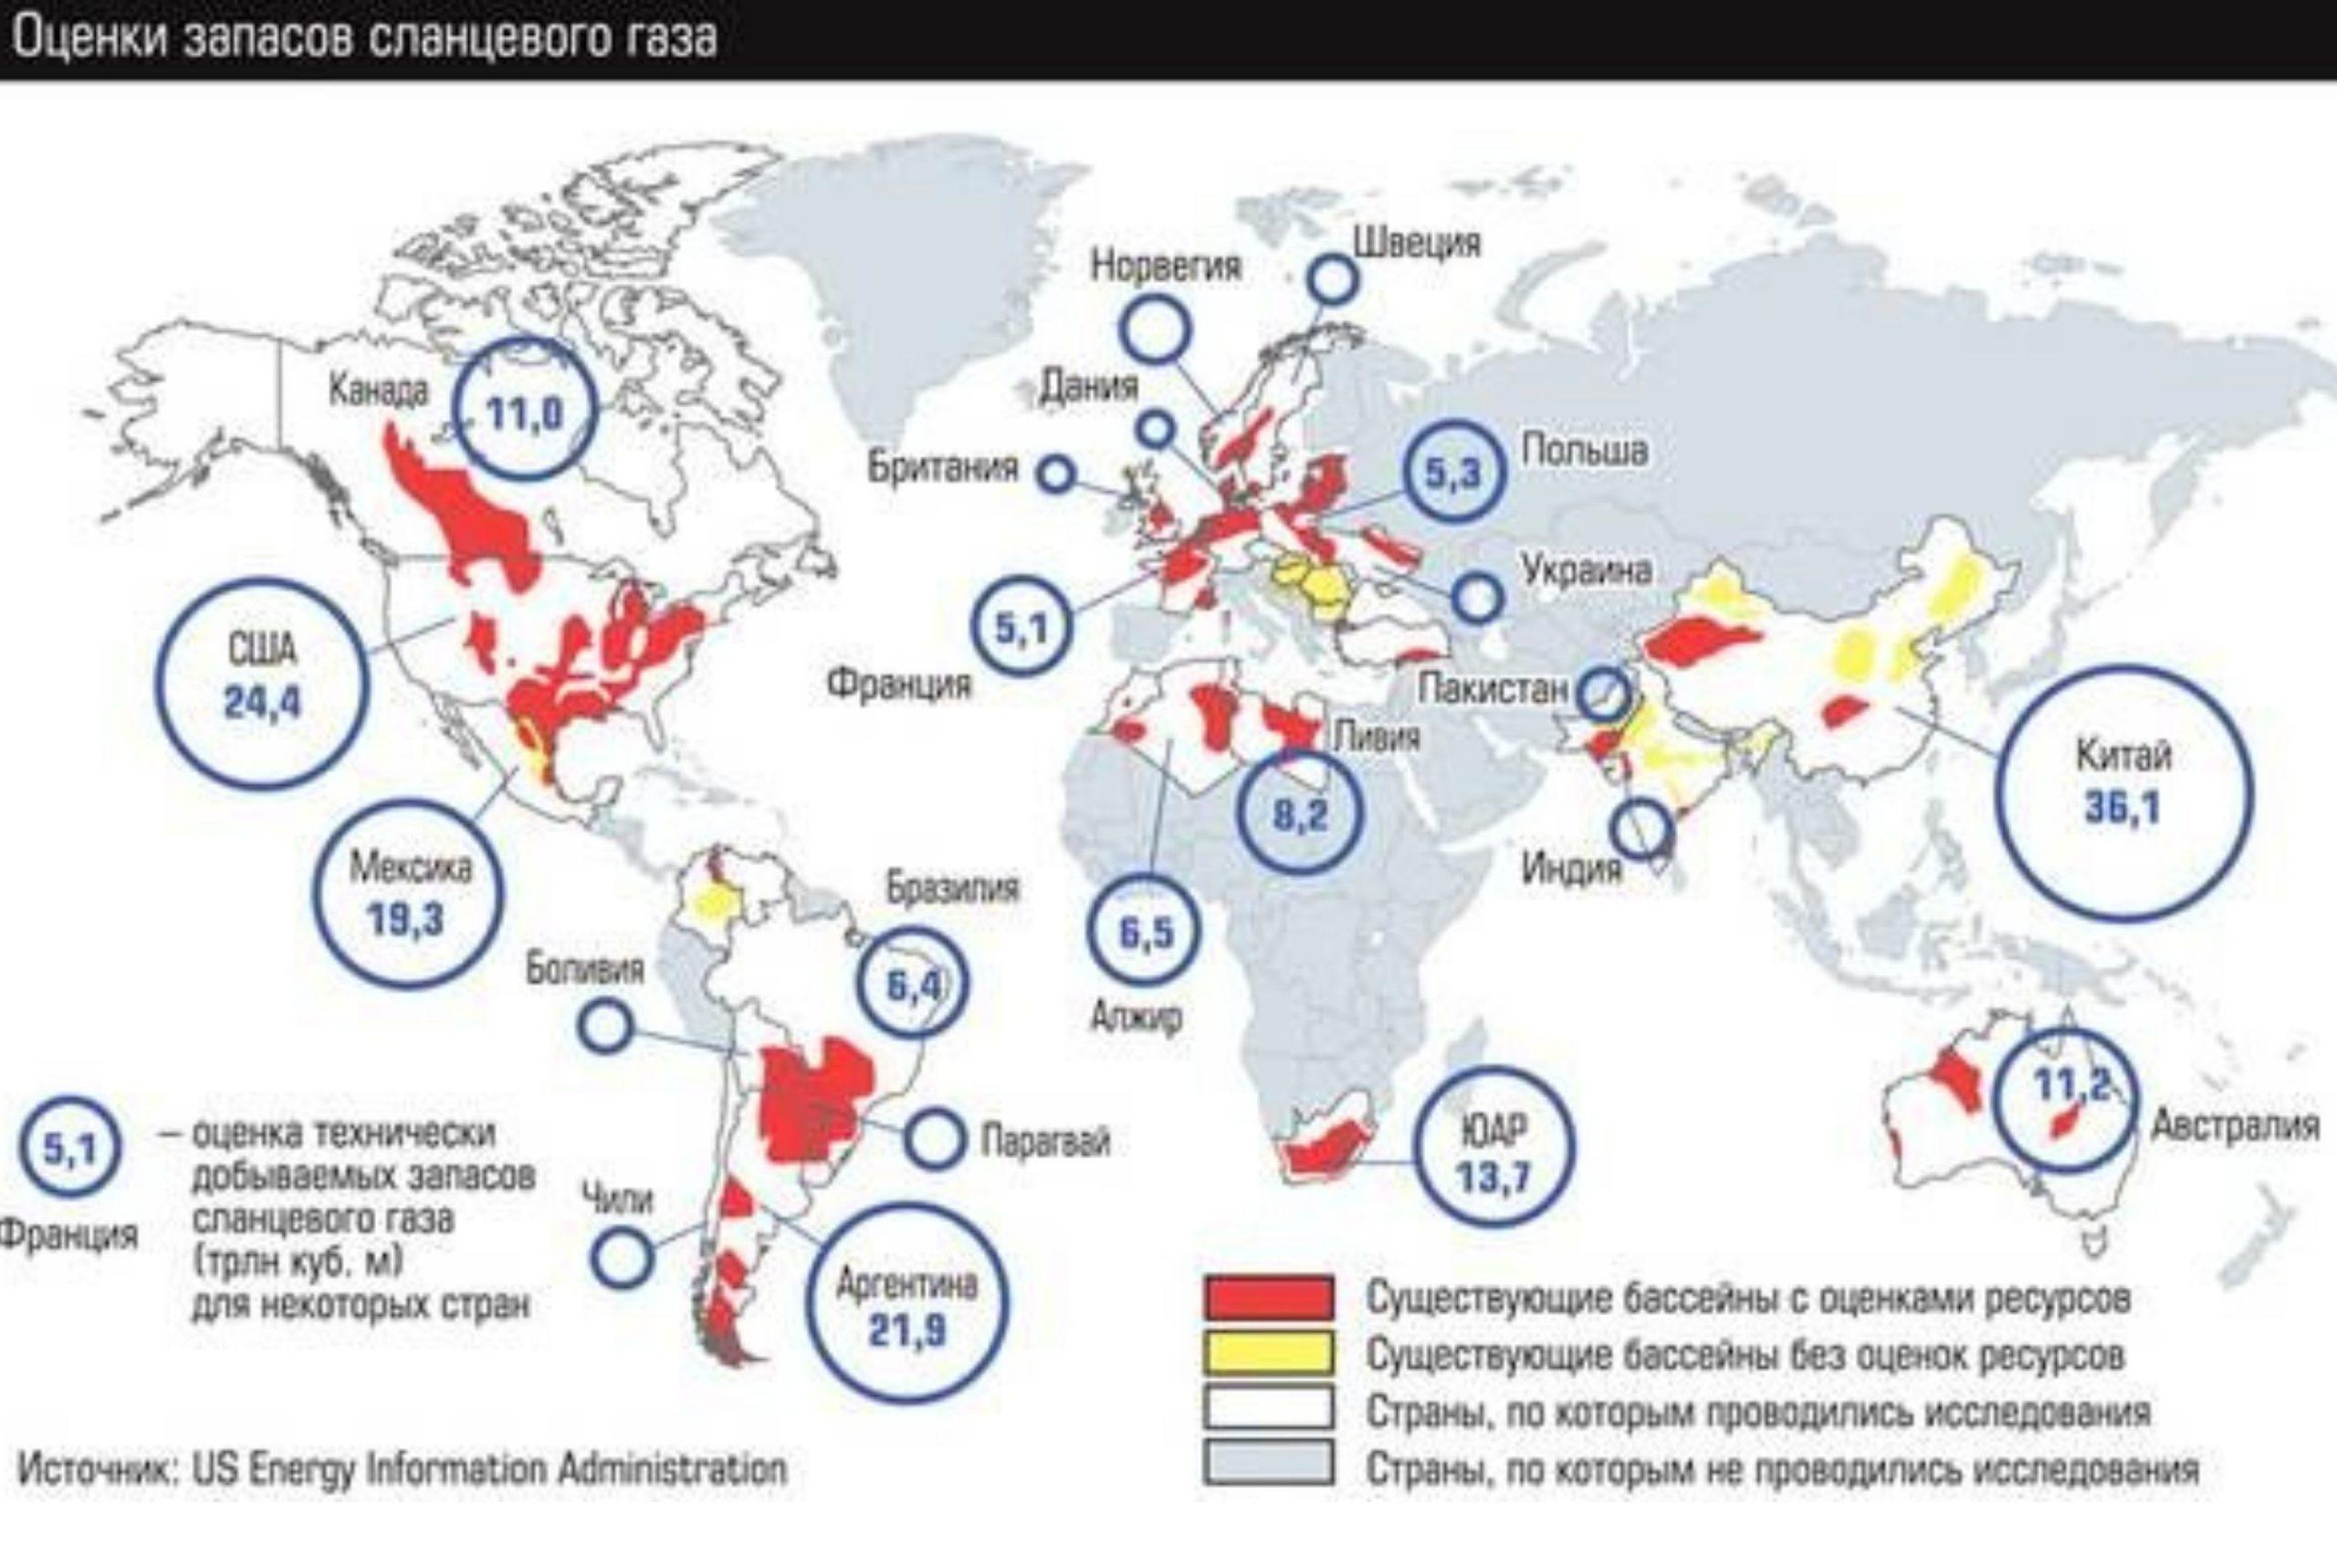 Горючие сланцы это альтернативный источник добычи нефти и газа